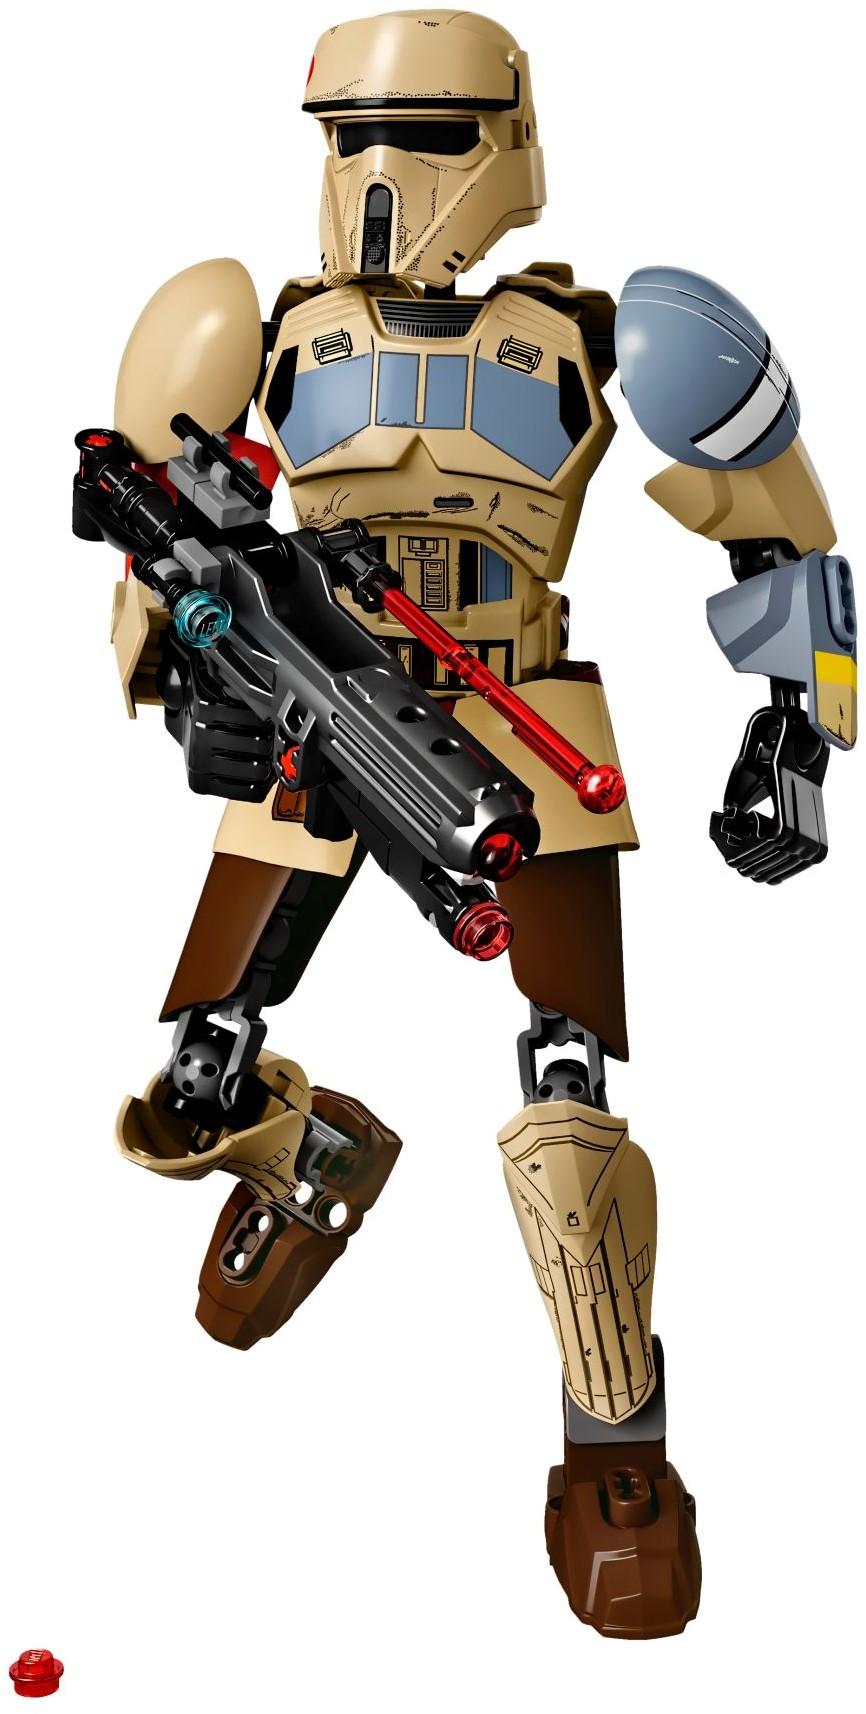 Star wars buildable figures brickset lego set guide - Lego star warse ...